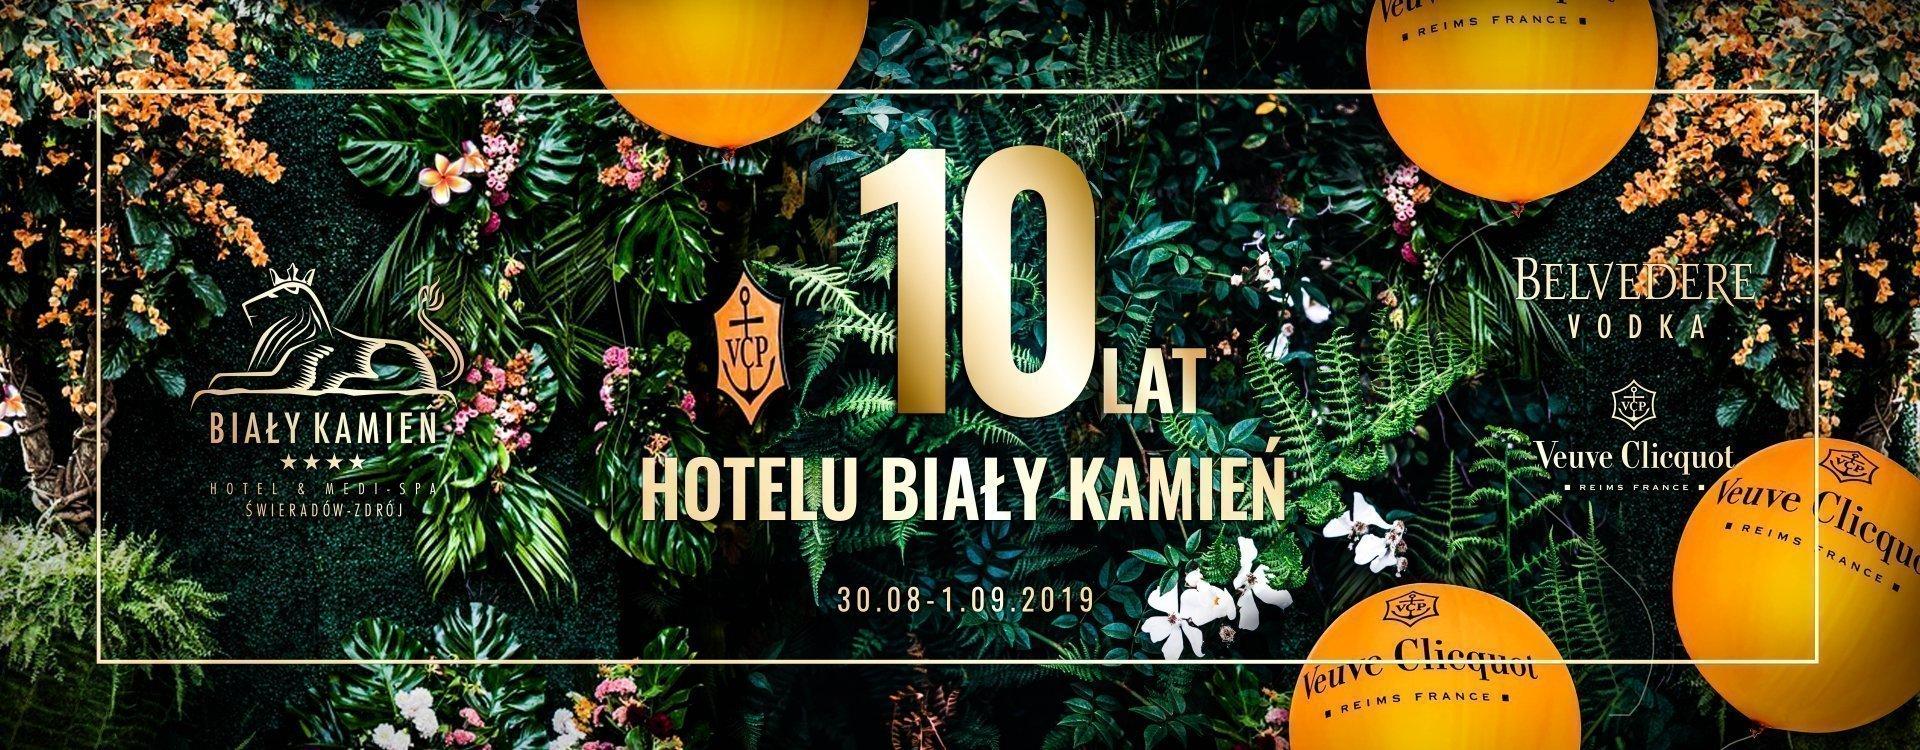 10 LAT HOTELU BIAŁY KAMIEŃ